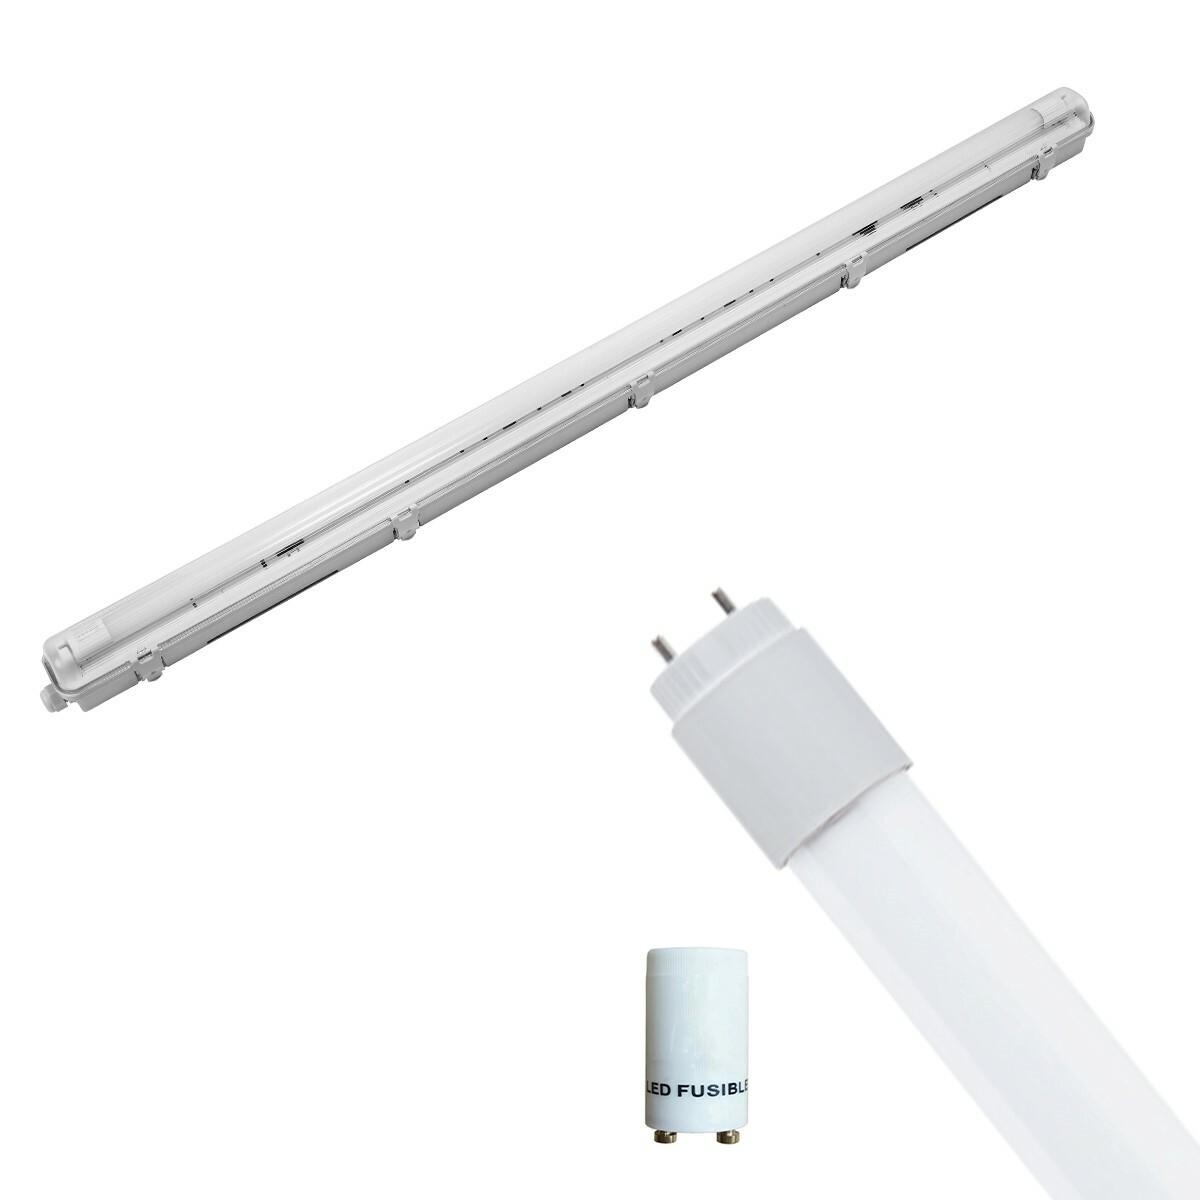 LED TL Armatuur met T8 Buis Incl. Starter - Pragmi Housing Pro - 120cm Enkel - 16W - Helder/Koud Wit